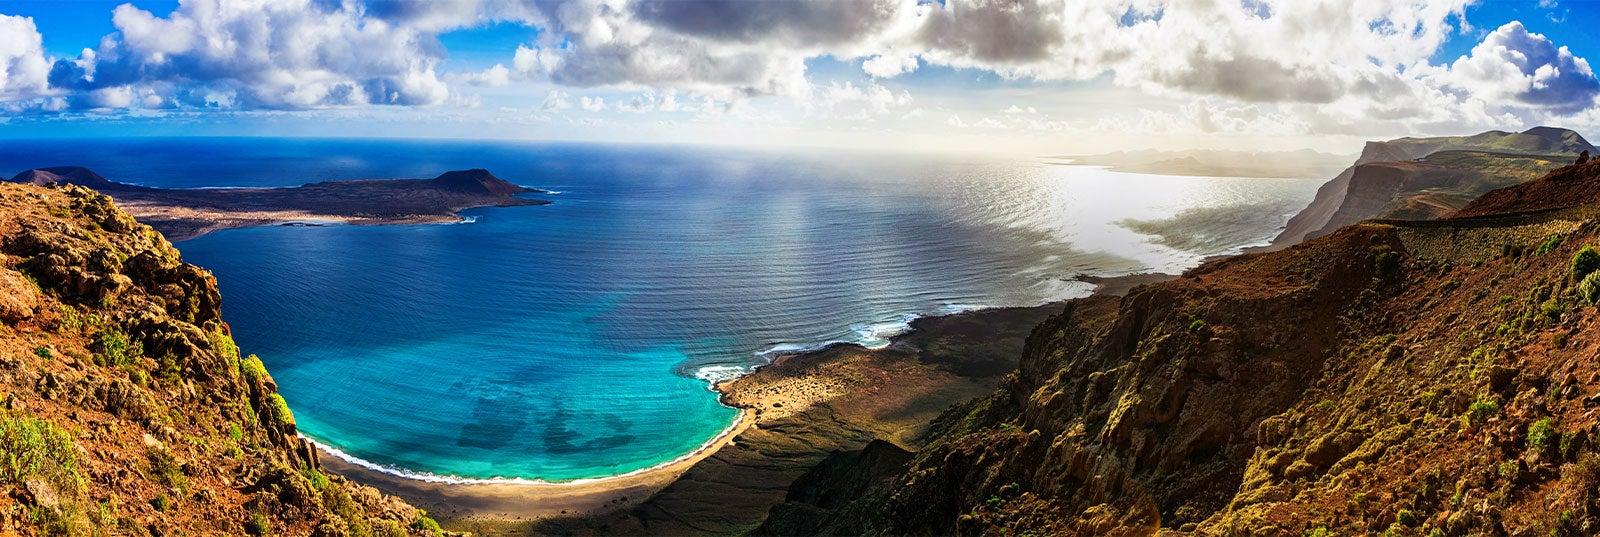 Guía turística de Lanzarote